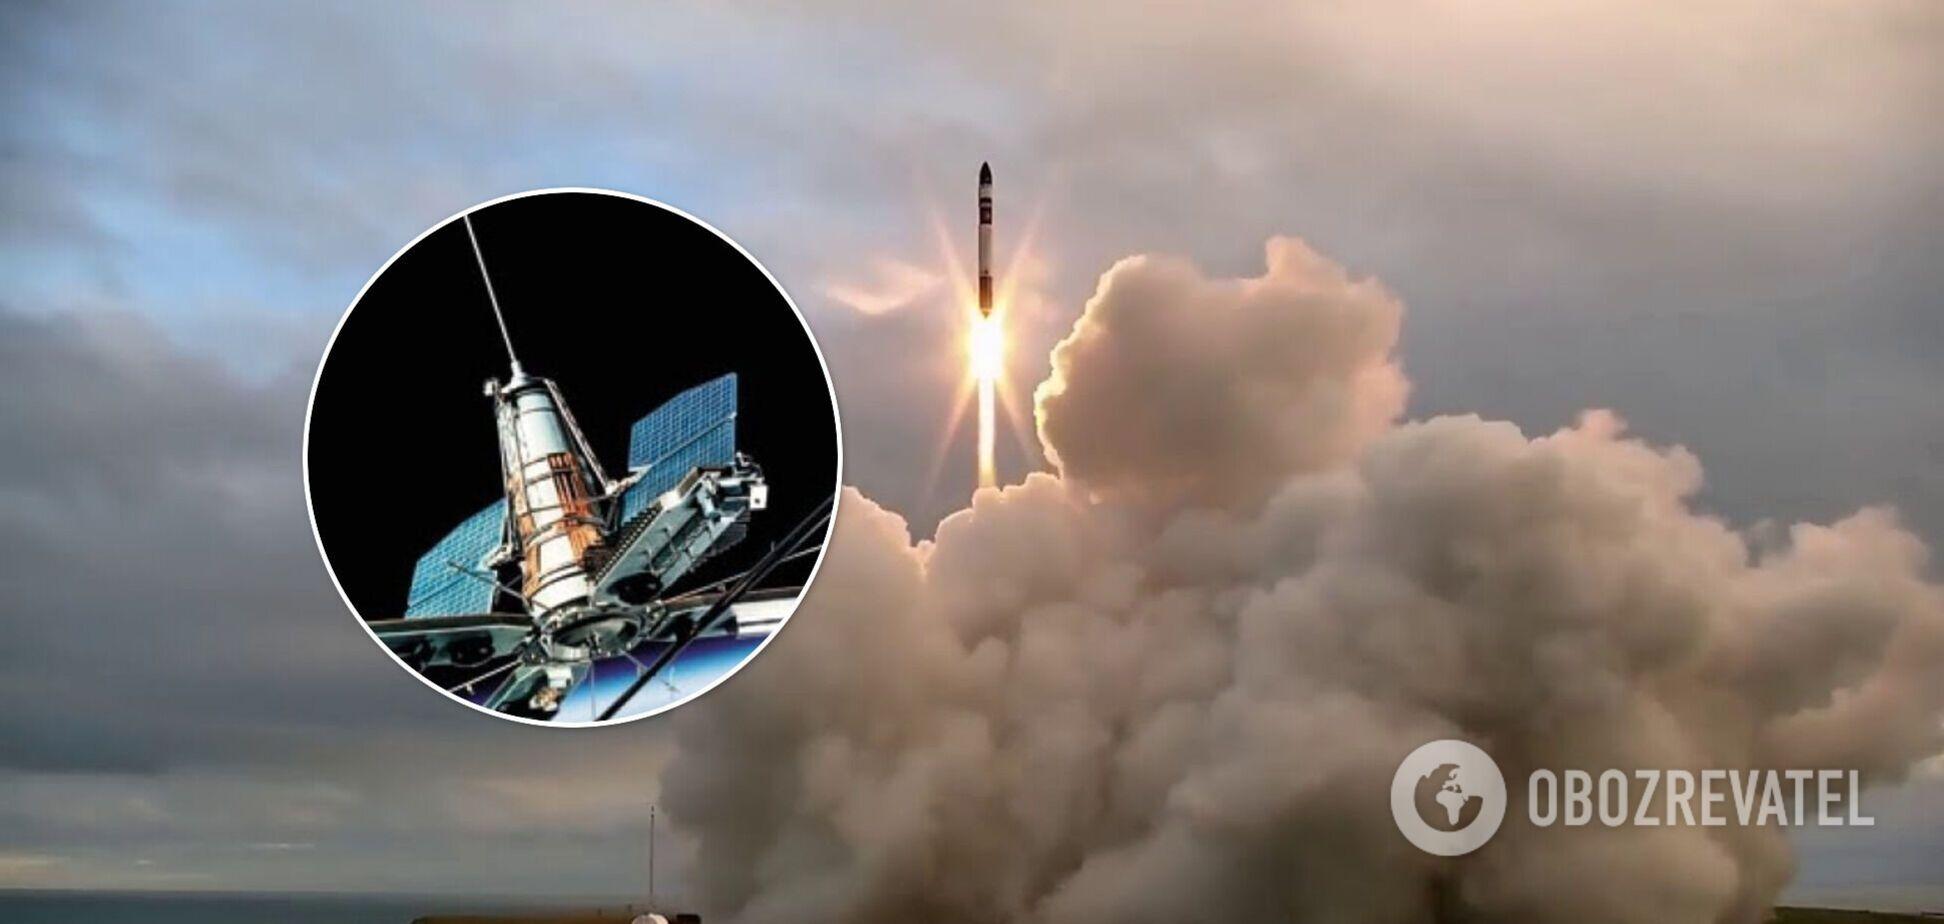 В Украине хотят построить свой космодром и запустить спутники для обороны